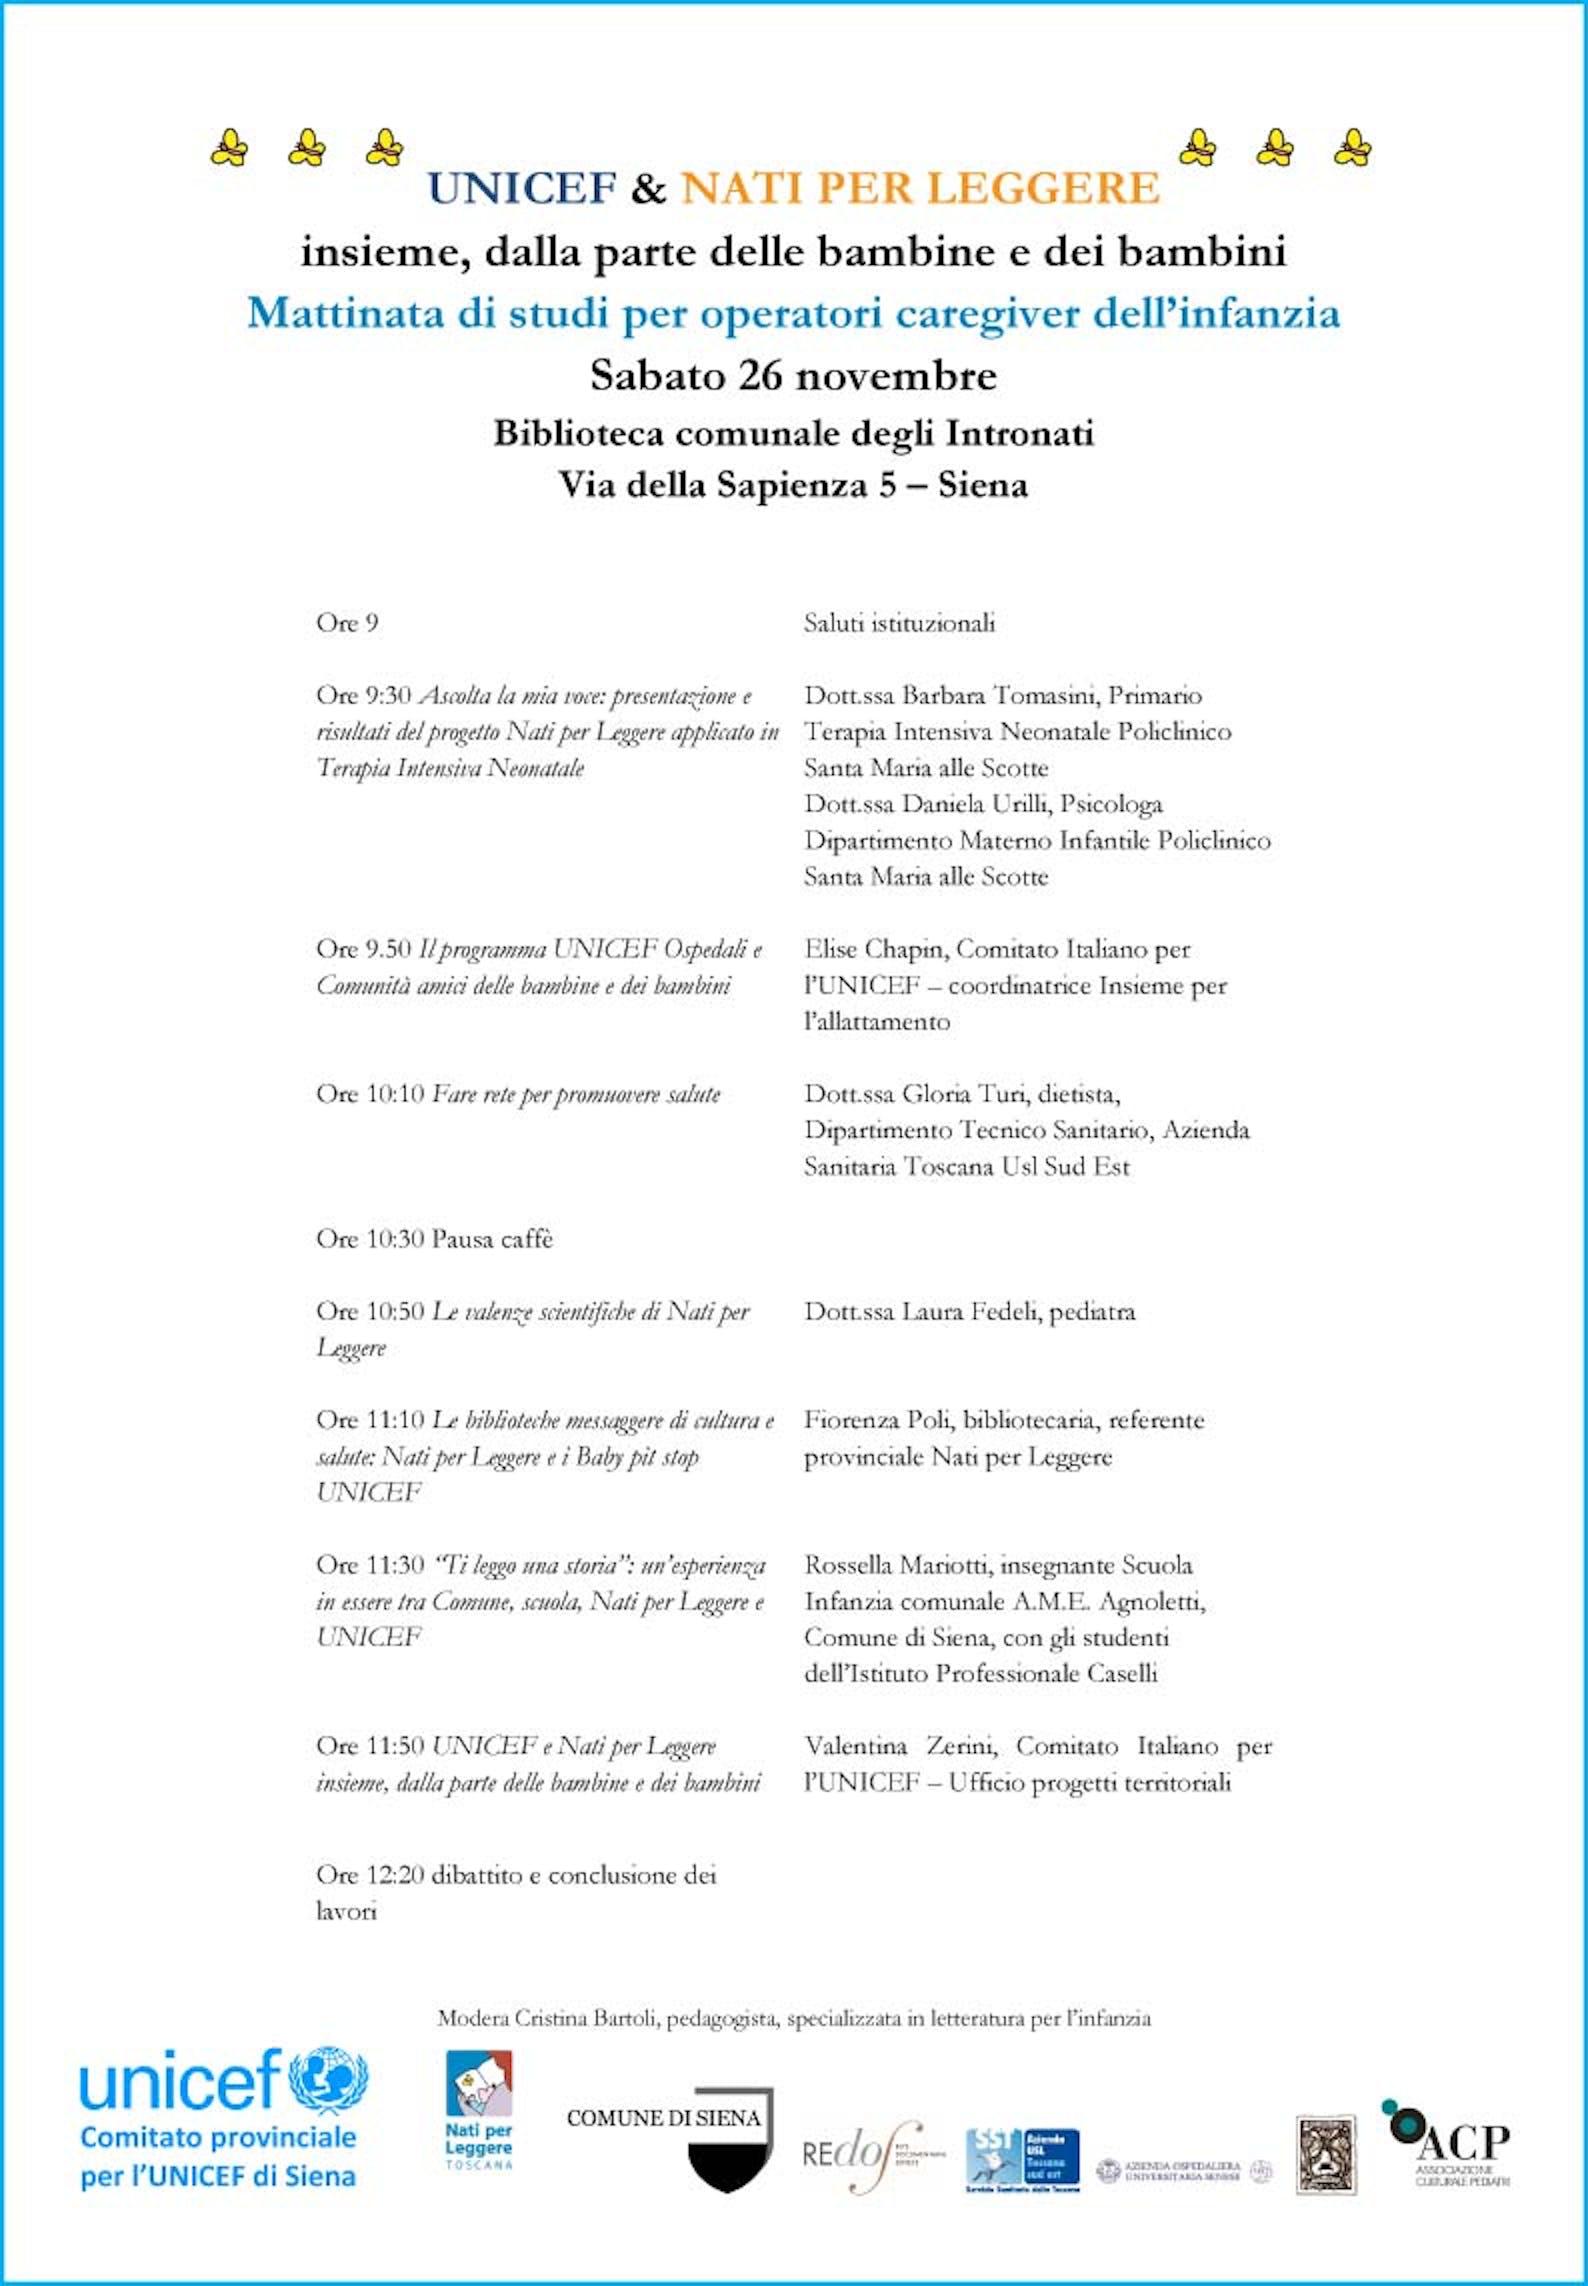 Mattinata di studi per Operatori Caregivers dell'infanzia alla Biblioteca degli Intronati di Siena